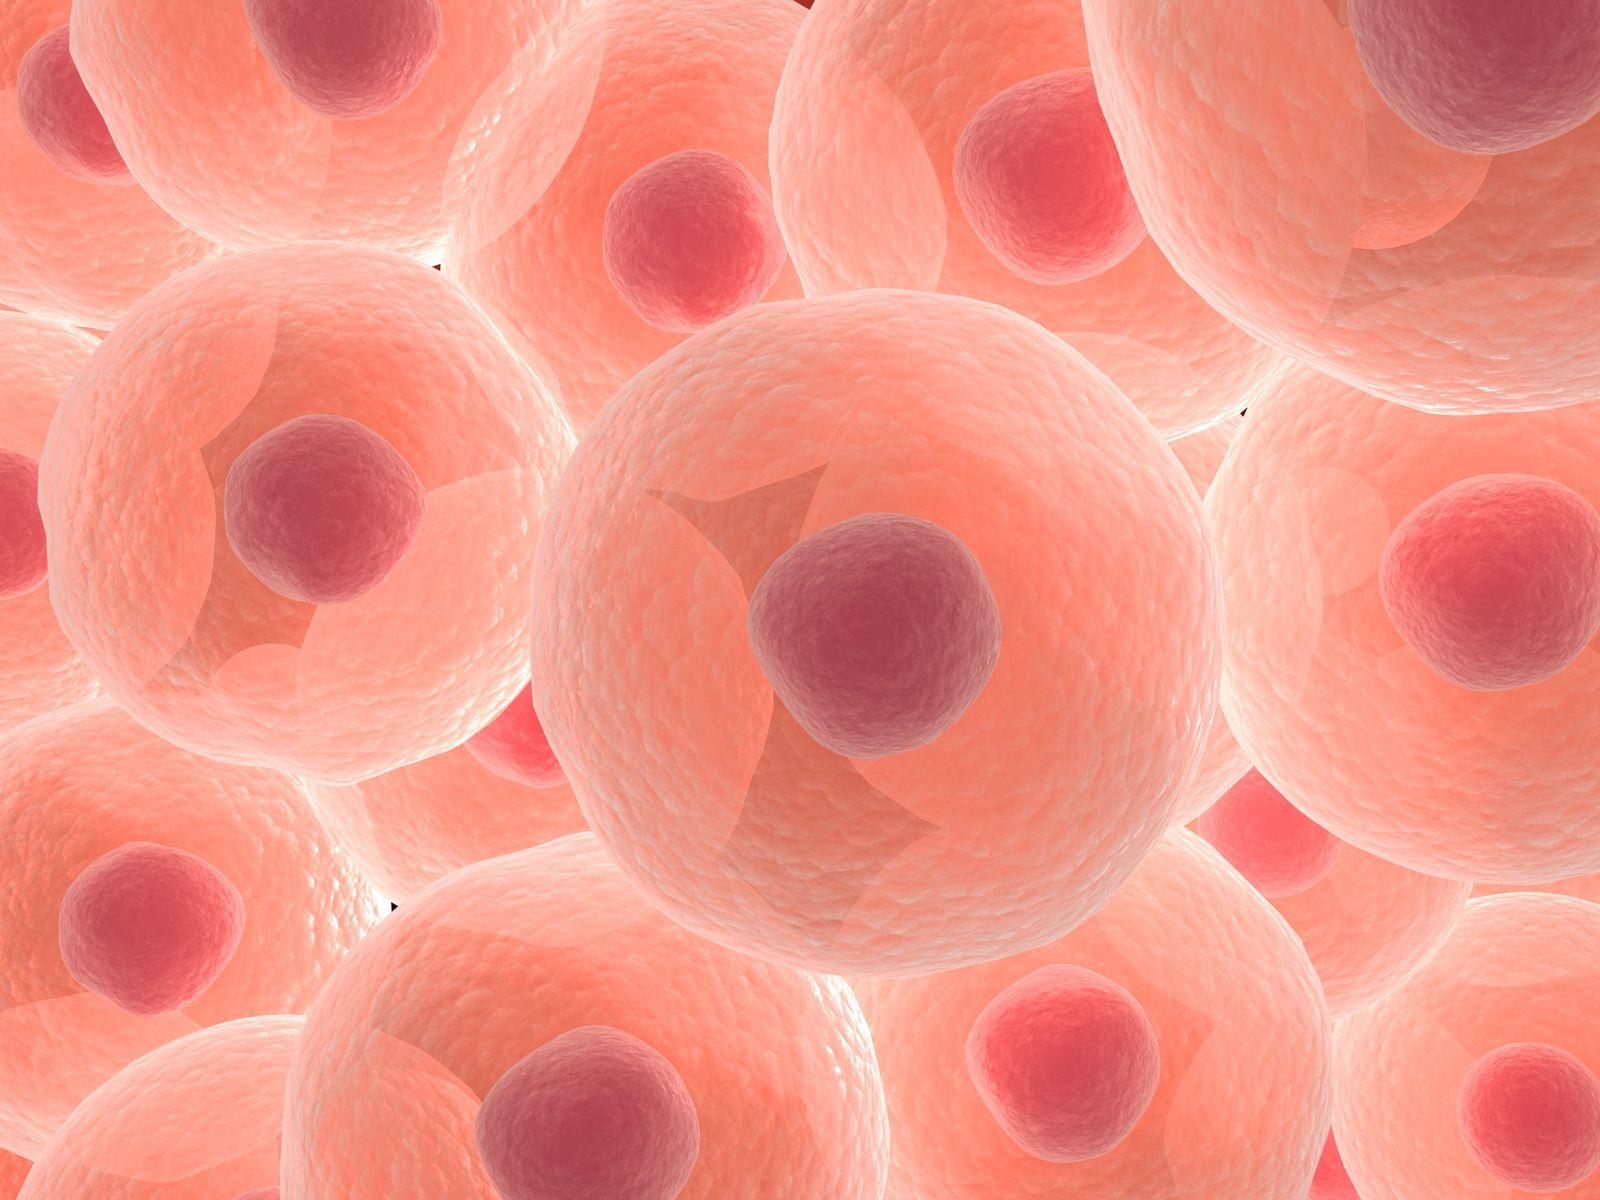 NICHT MEHR VERWENDEN! - Eukaryoten/ Zelle